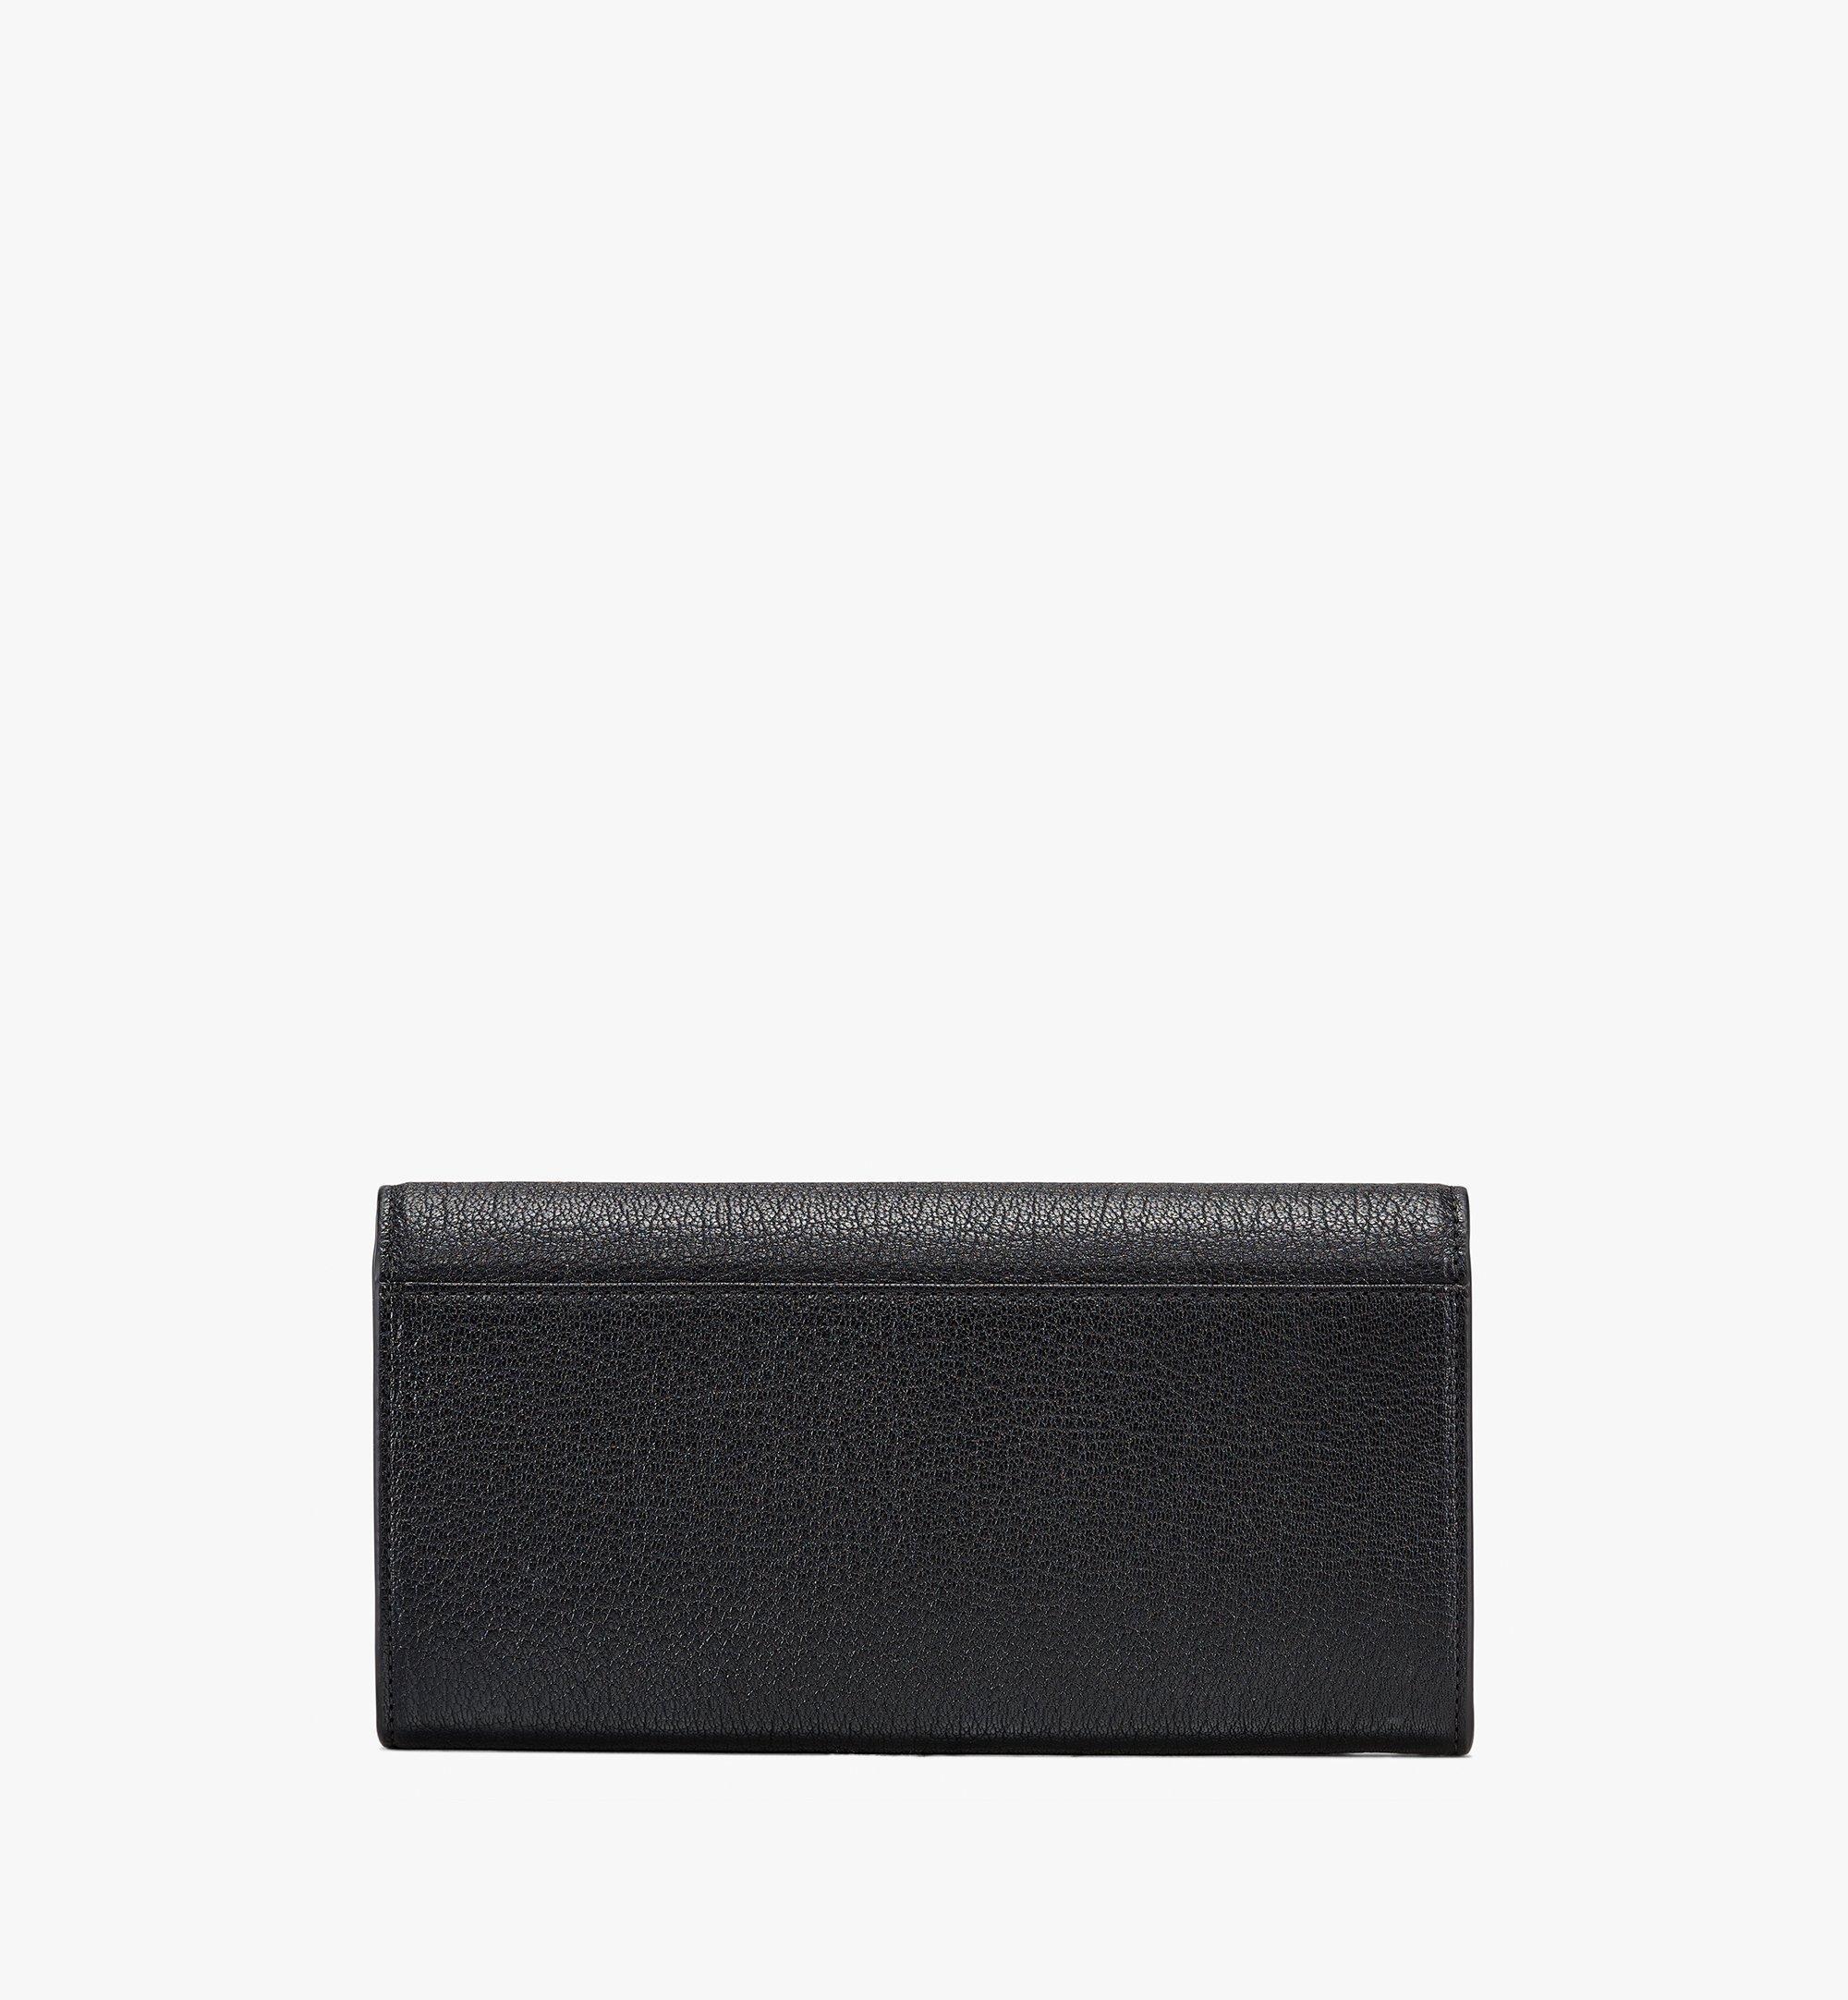 MCM Milano Crossbody-Brieftasche aus Ziegenleder Black MYLASDA01BK001 Alternate View 2